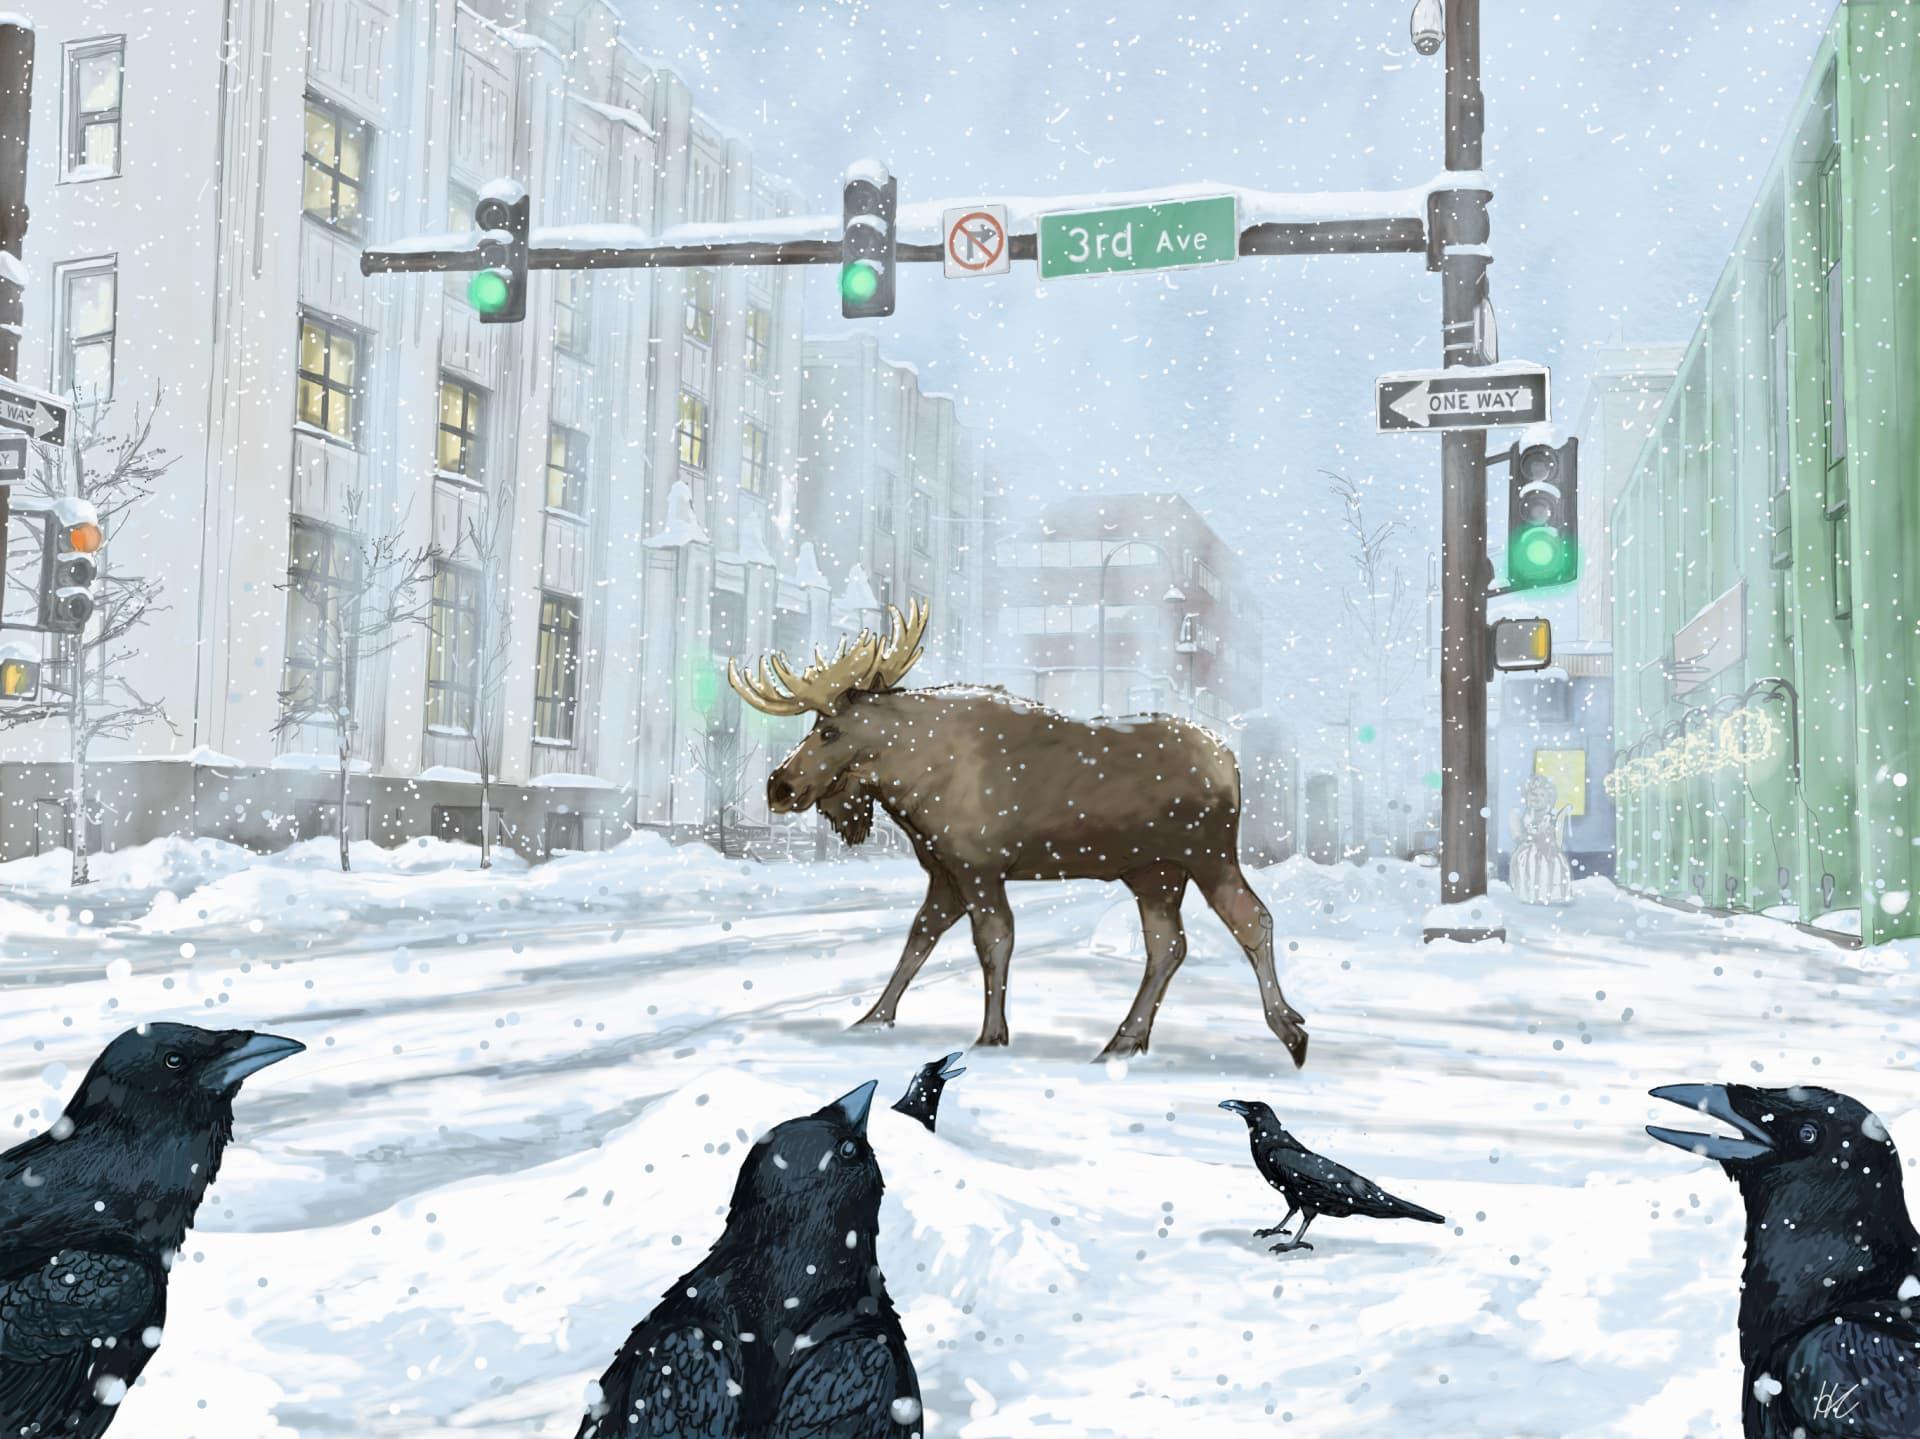 Winter-Wonderland-Harrison-Carpenter-w1920.jpg